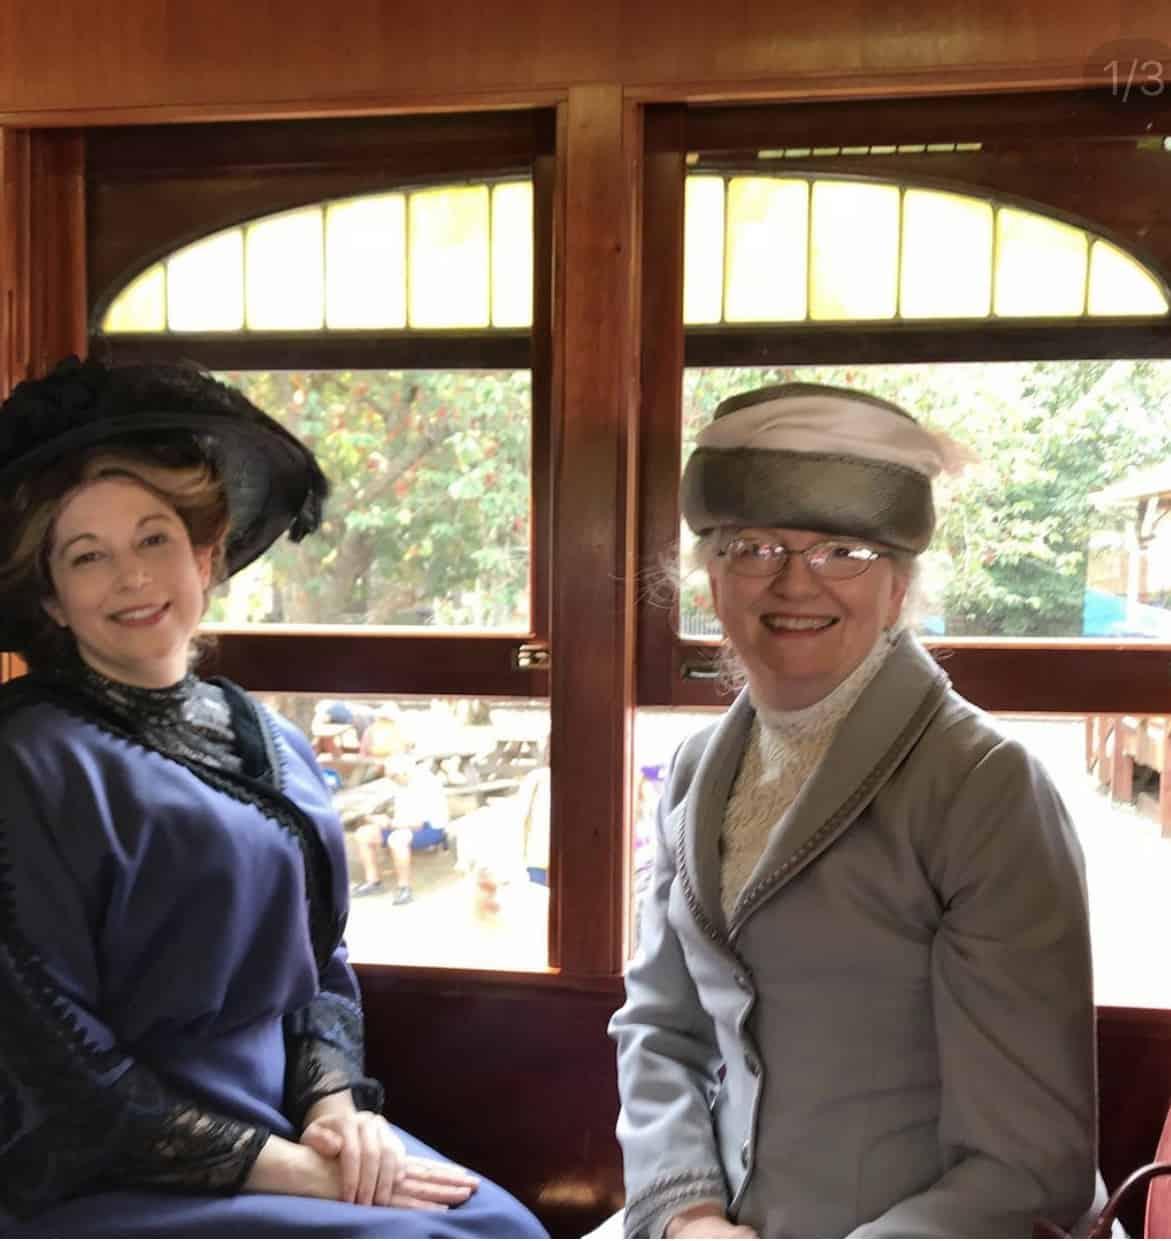 Railroad Days Snoqualmie Train Ride